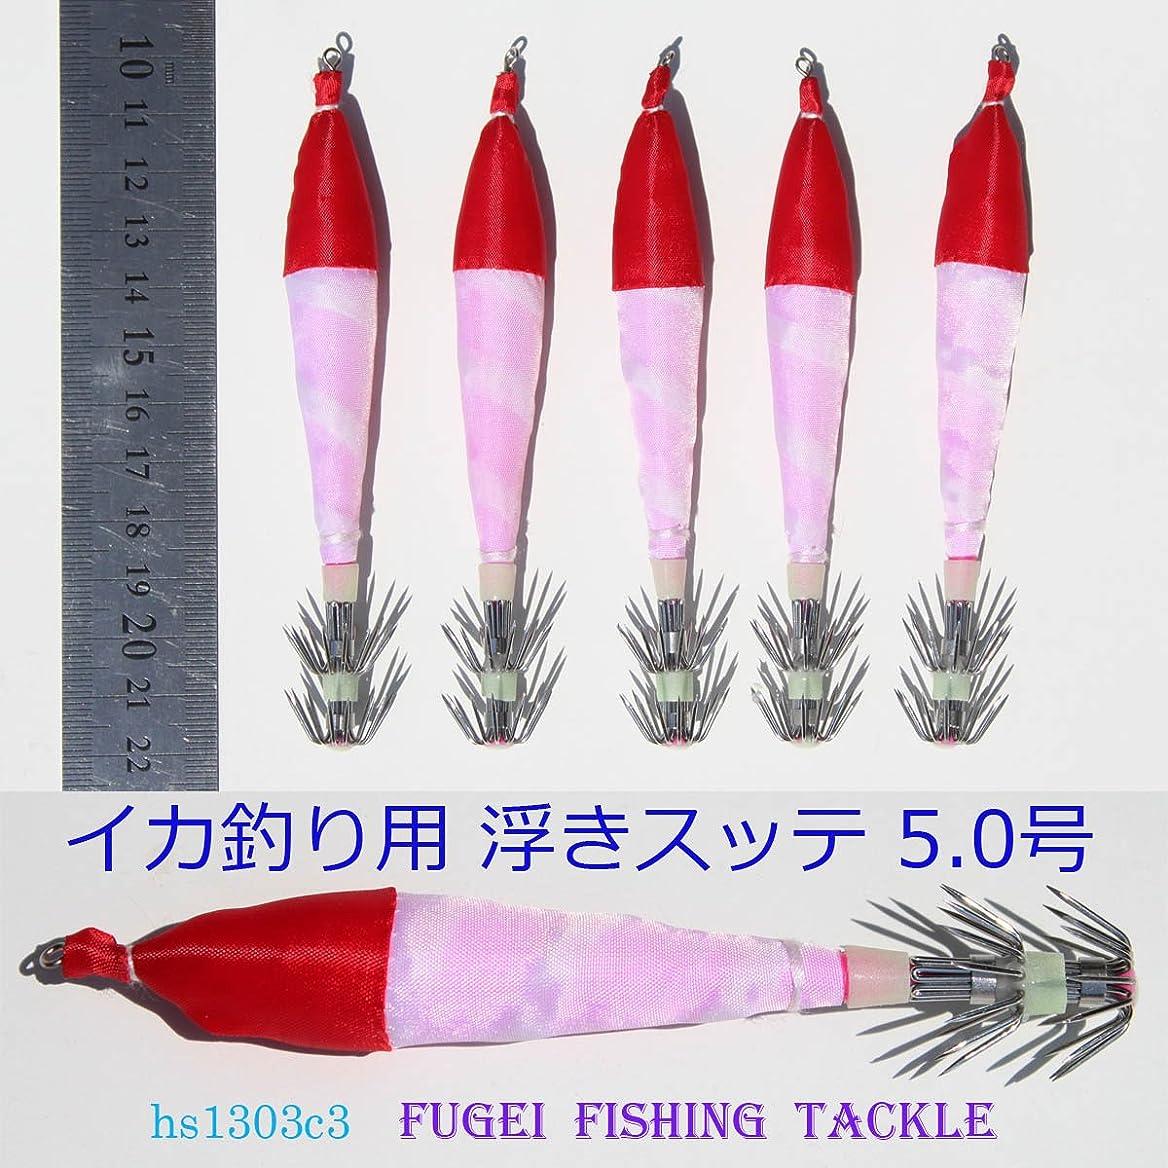 単位メーカーポスターイカ釣り 夜光 5.0号 (約11.5cm)浮きスッテ 20本 A20sute50hs1303c3